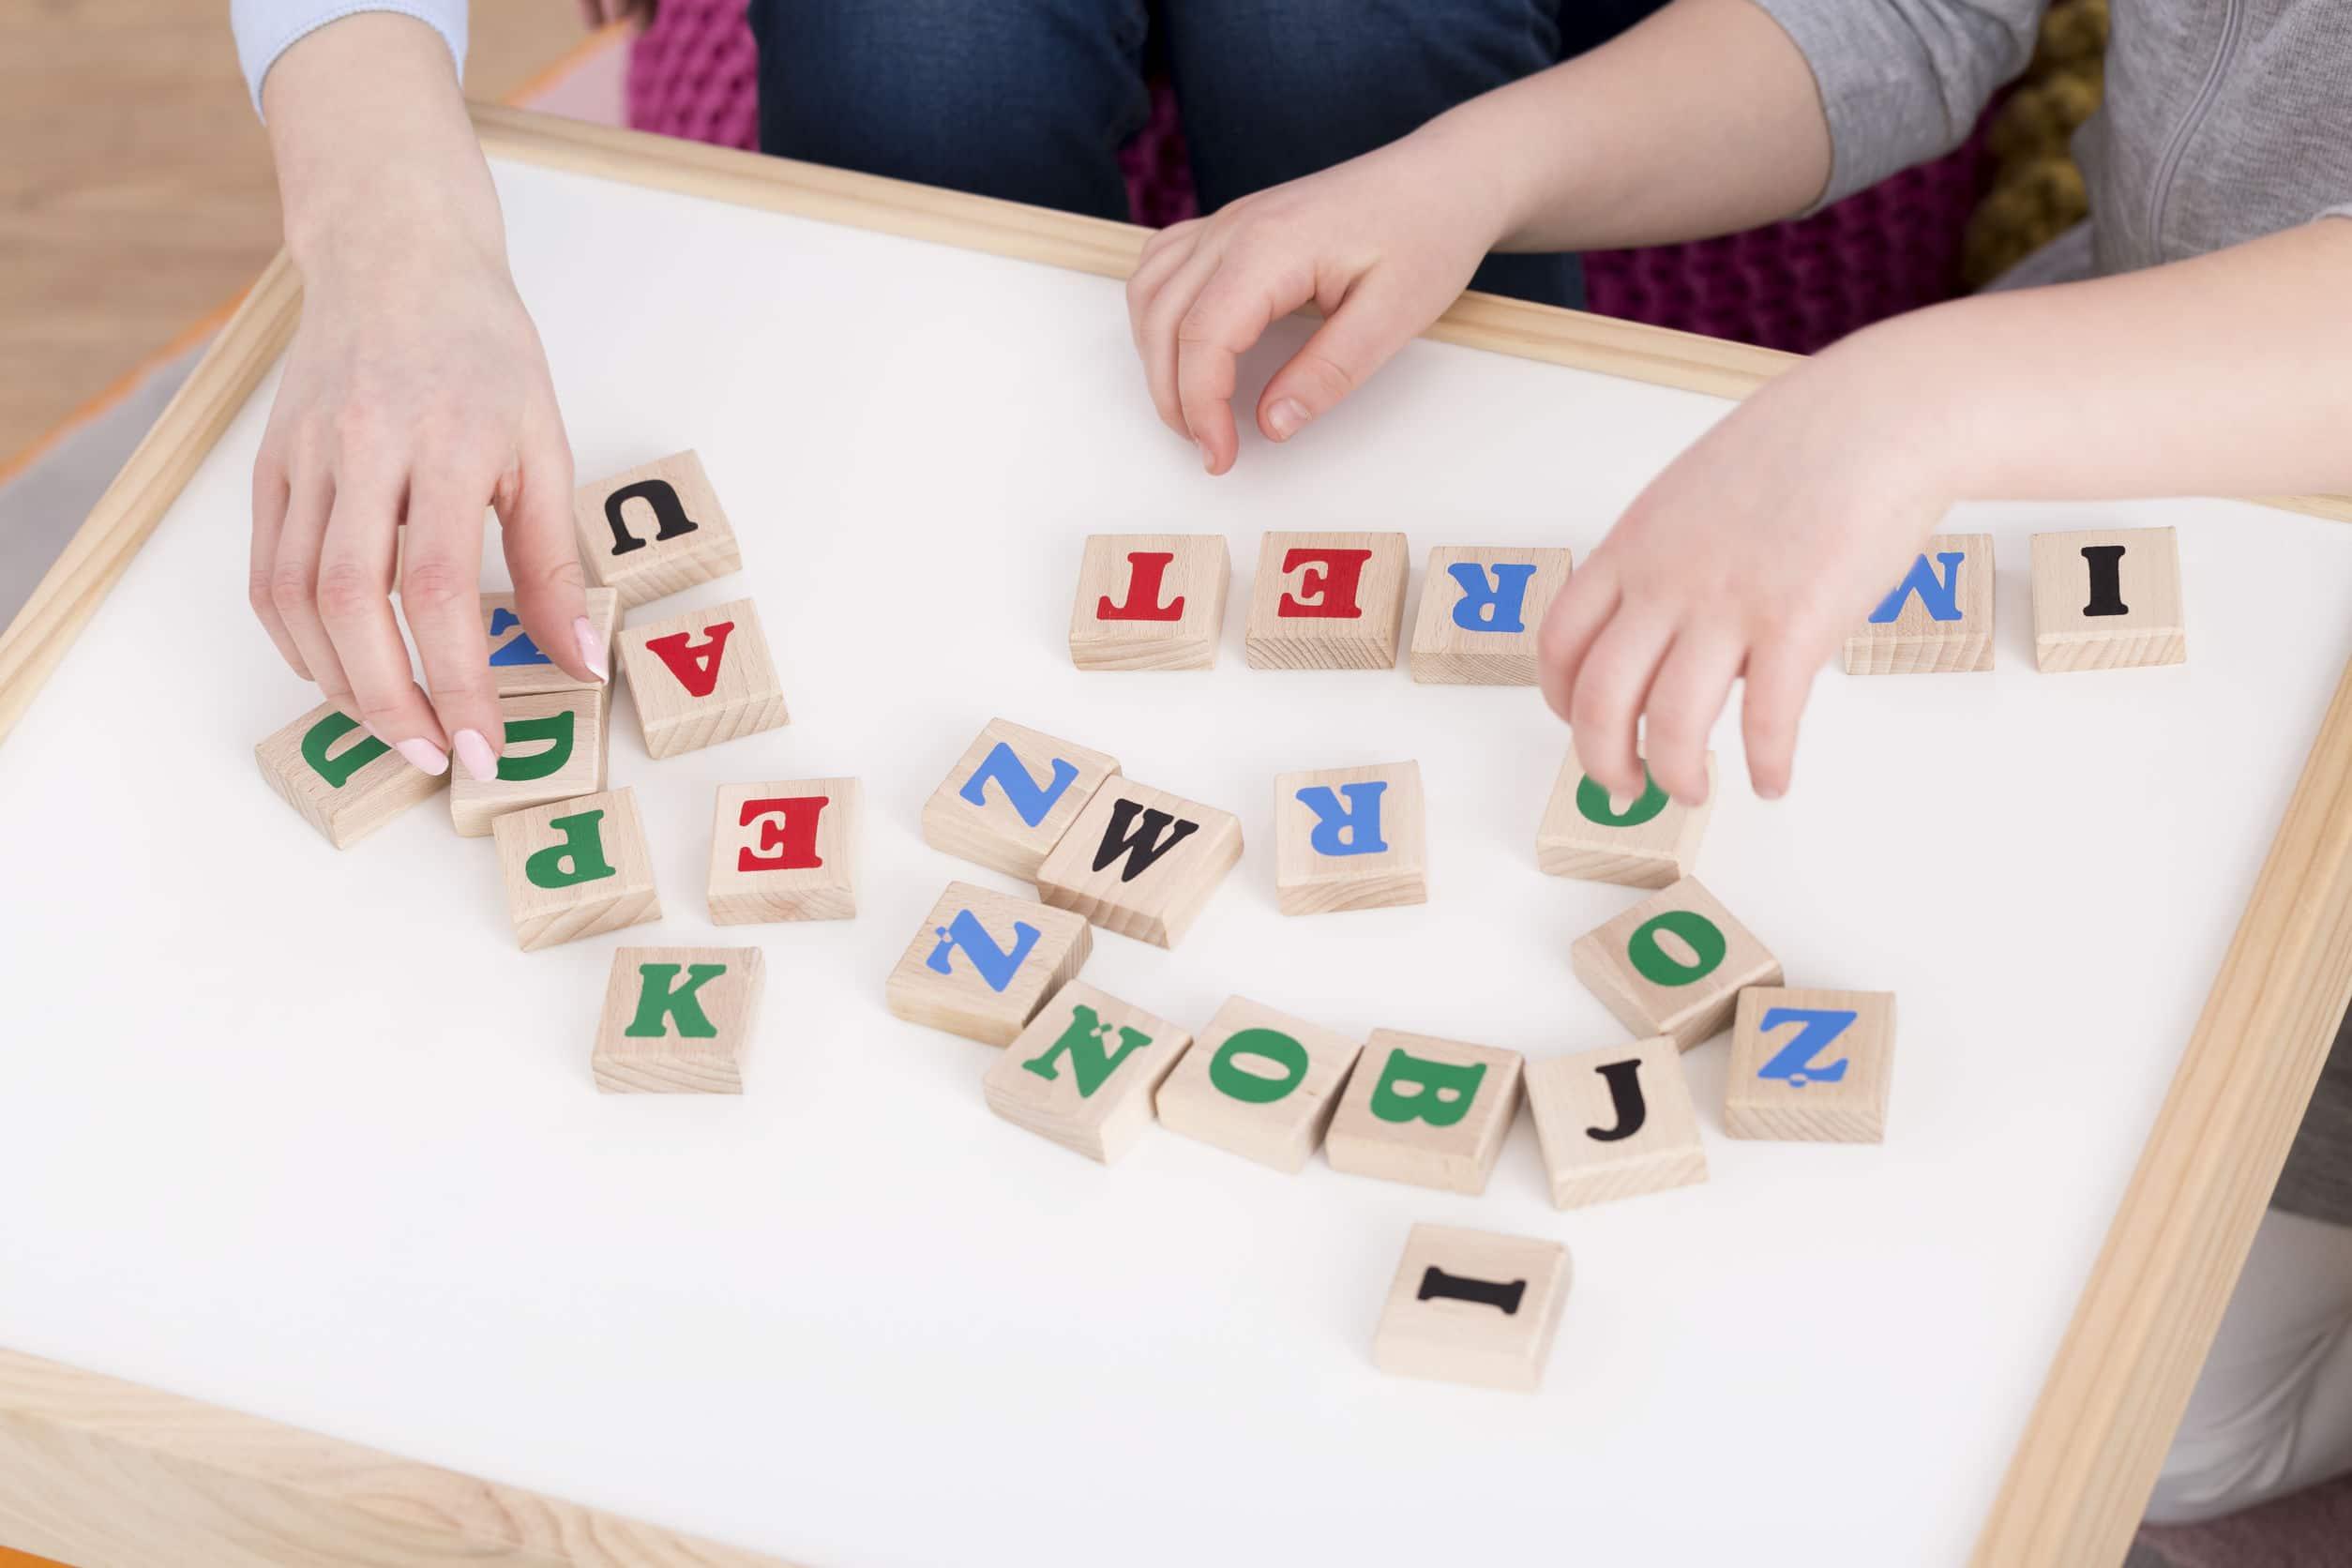 Tabuleiro de letras coloridas sobre uma mesa branca.